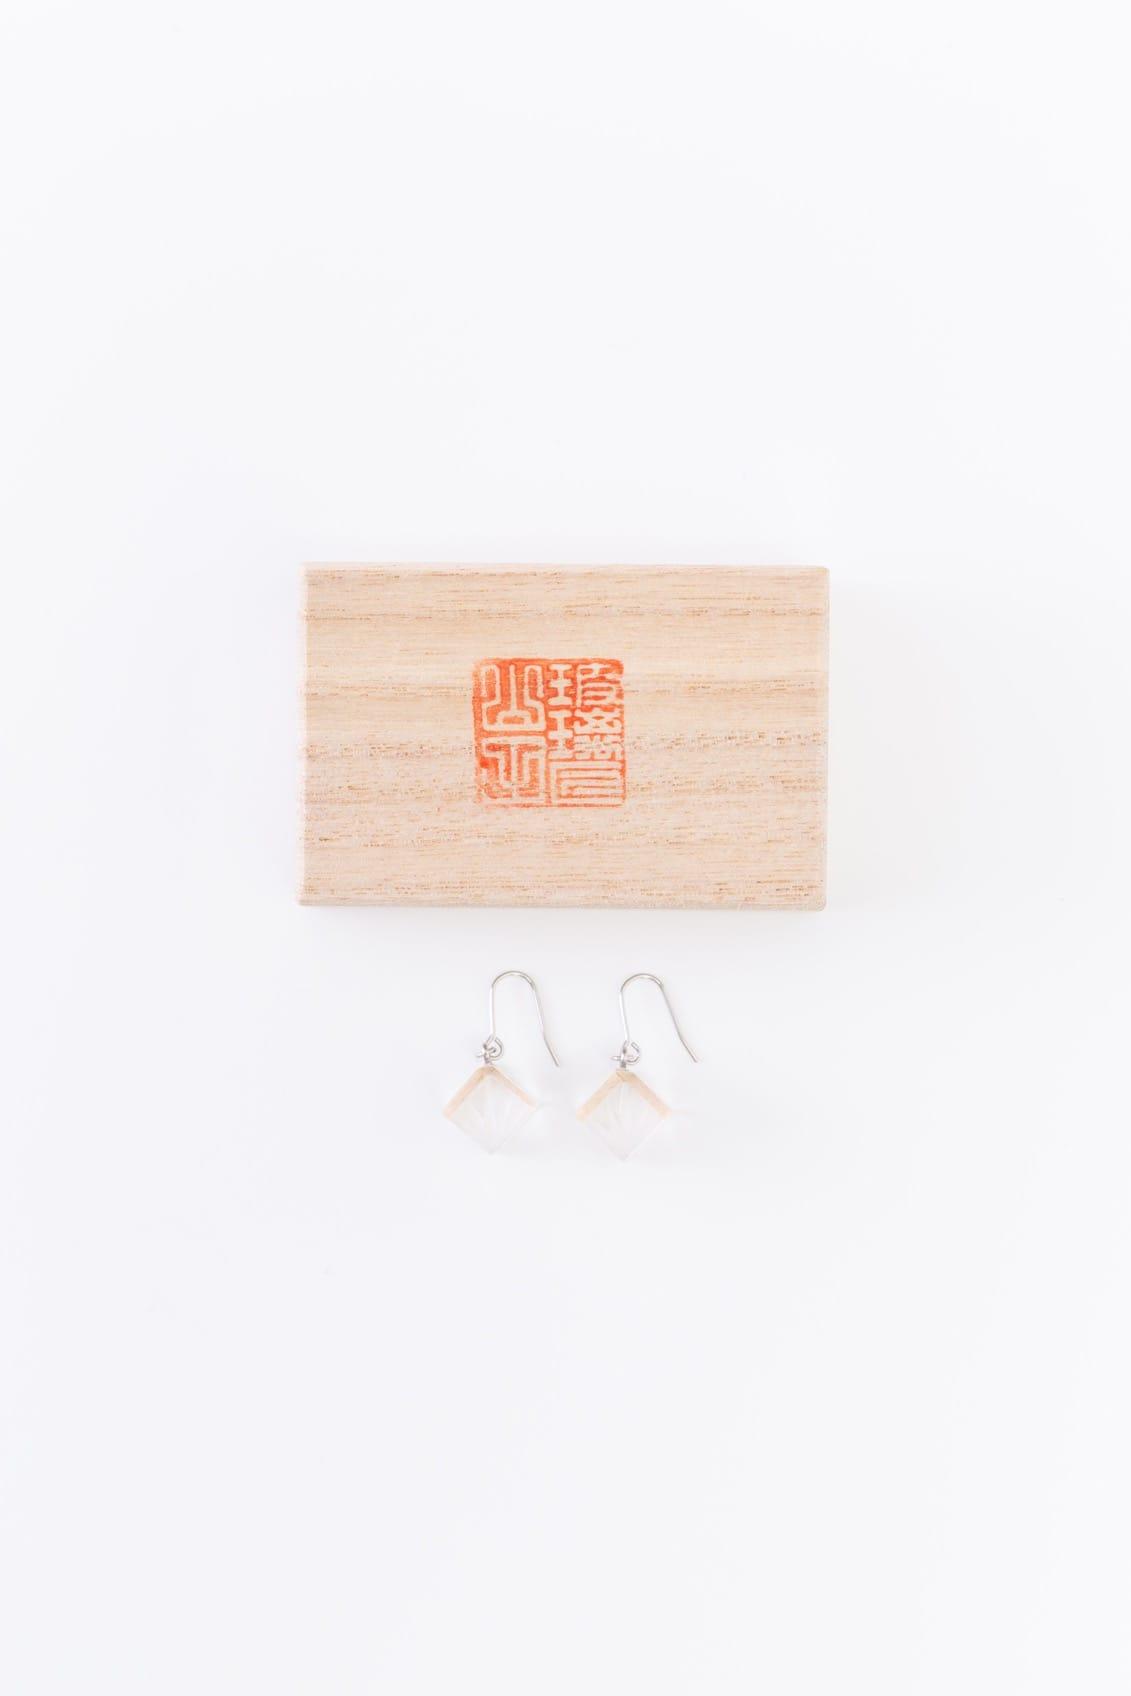 kitokirikoピアス 笹の葉 箱付き